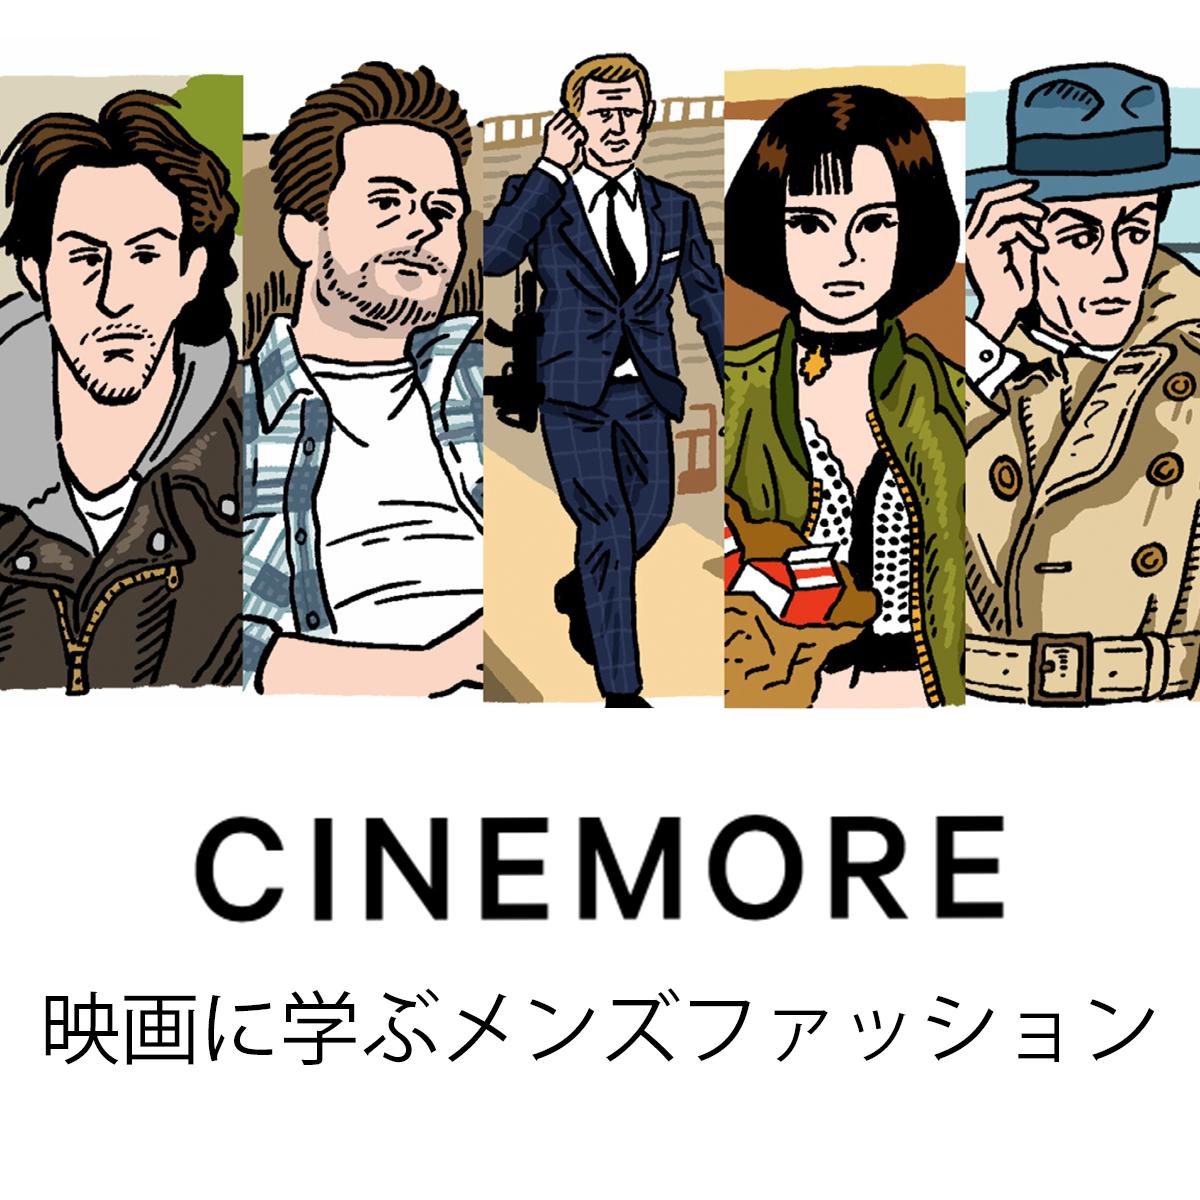 映画情報メディアサイト【CINEMORE】にて、junhashimoto掲載